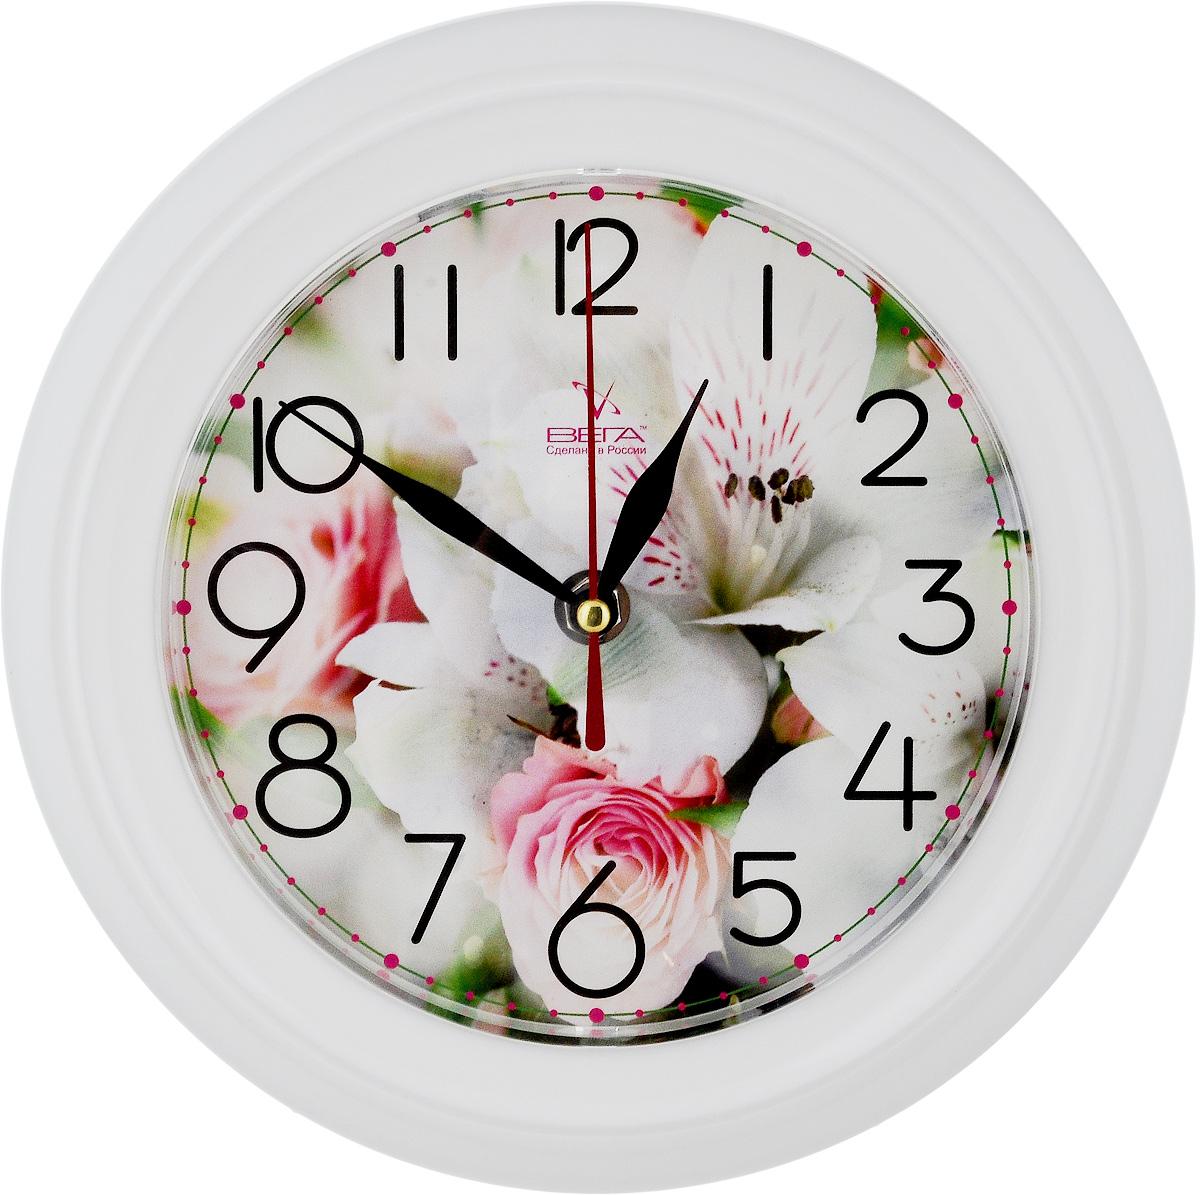 Часы настенные Вега Нежность, диаметр 22,5 смП1-серебро/6-212Настенные кварцевые часы Вега Нежность в классическом дизайне, изготовленные из пластика, прекрасно впишутся в интерьер вашего дома. Круглые часы имеют три стрелки: часовую, минутную и секундную, циферблат защищен прозрачным стеклом. Часы работают от 1 батарейки типа АА напряжением 1,5 В (не входит в комплект). Диаметр часов: 22,5 см.